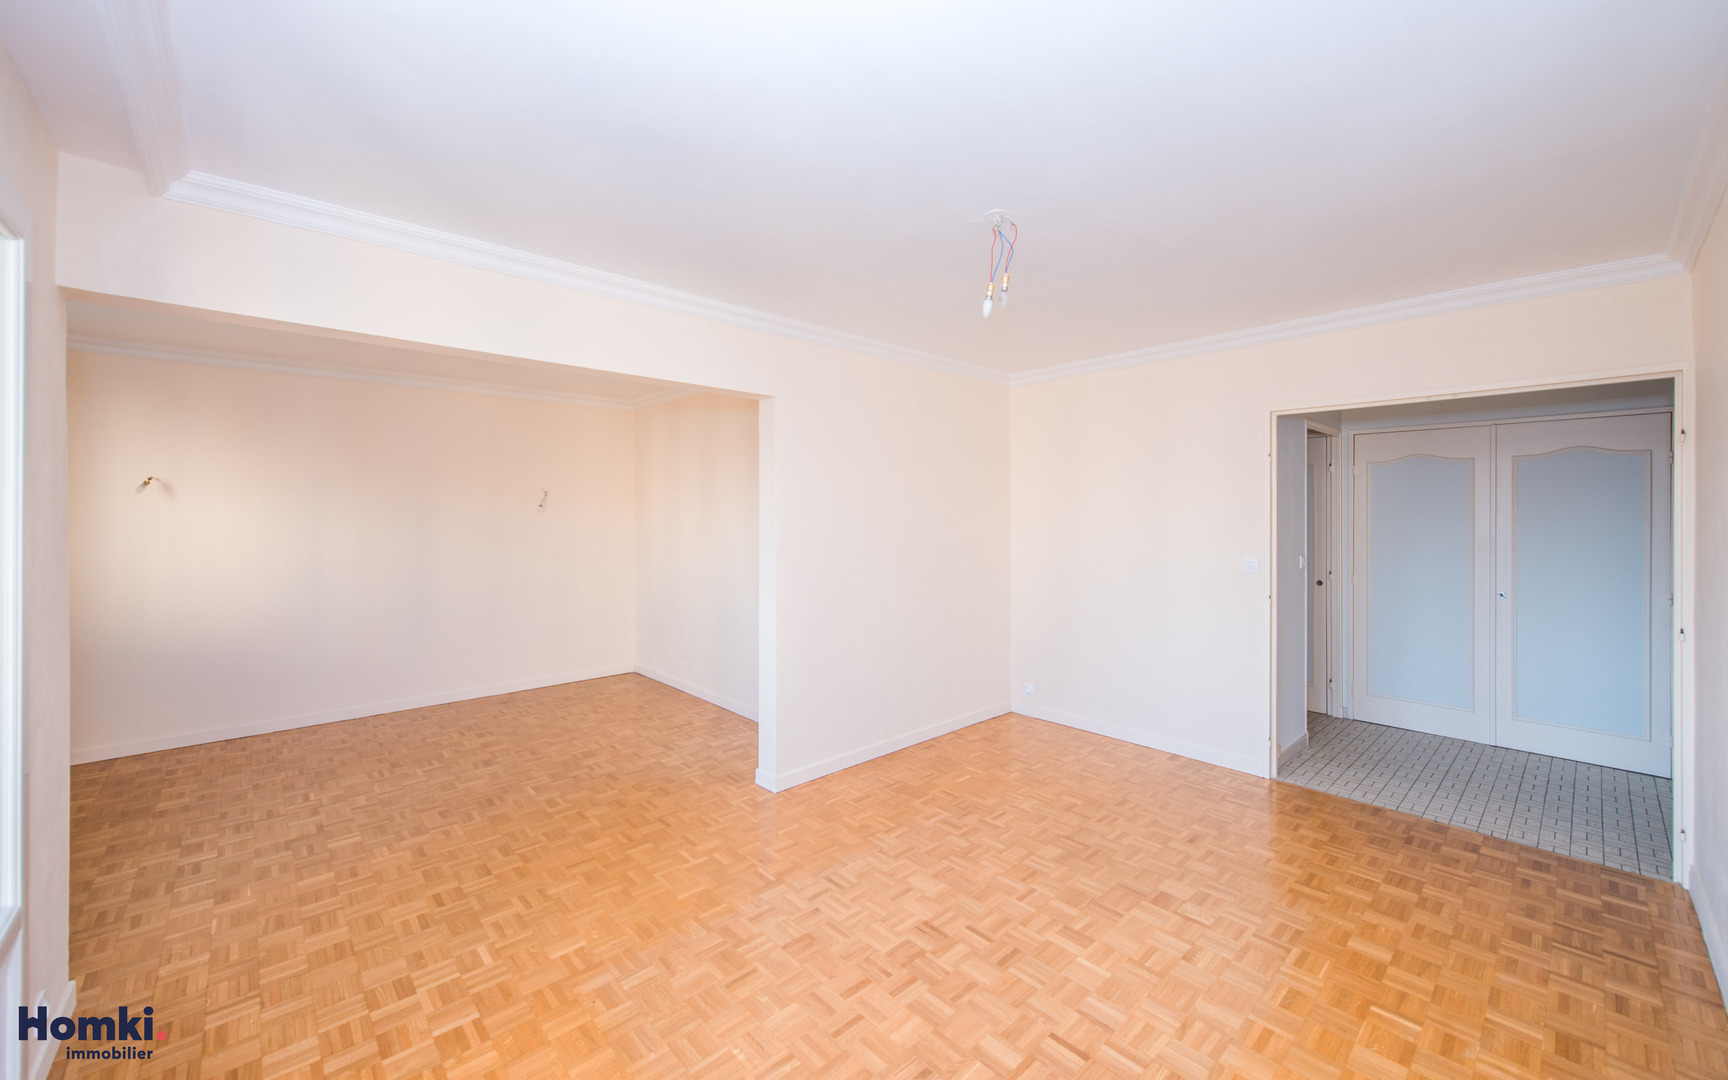 Appartement I 82m² I T3 I 69008 _3